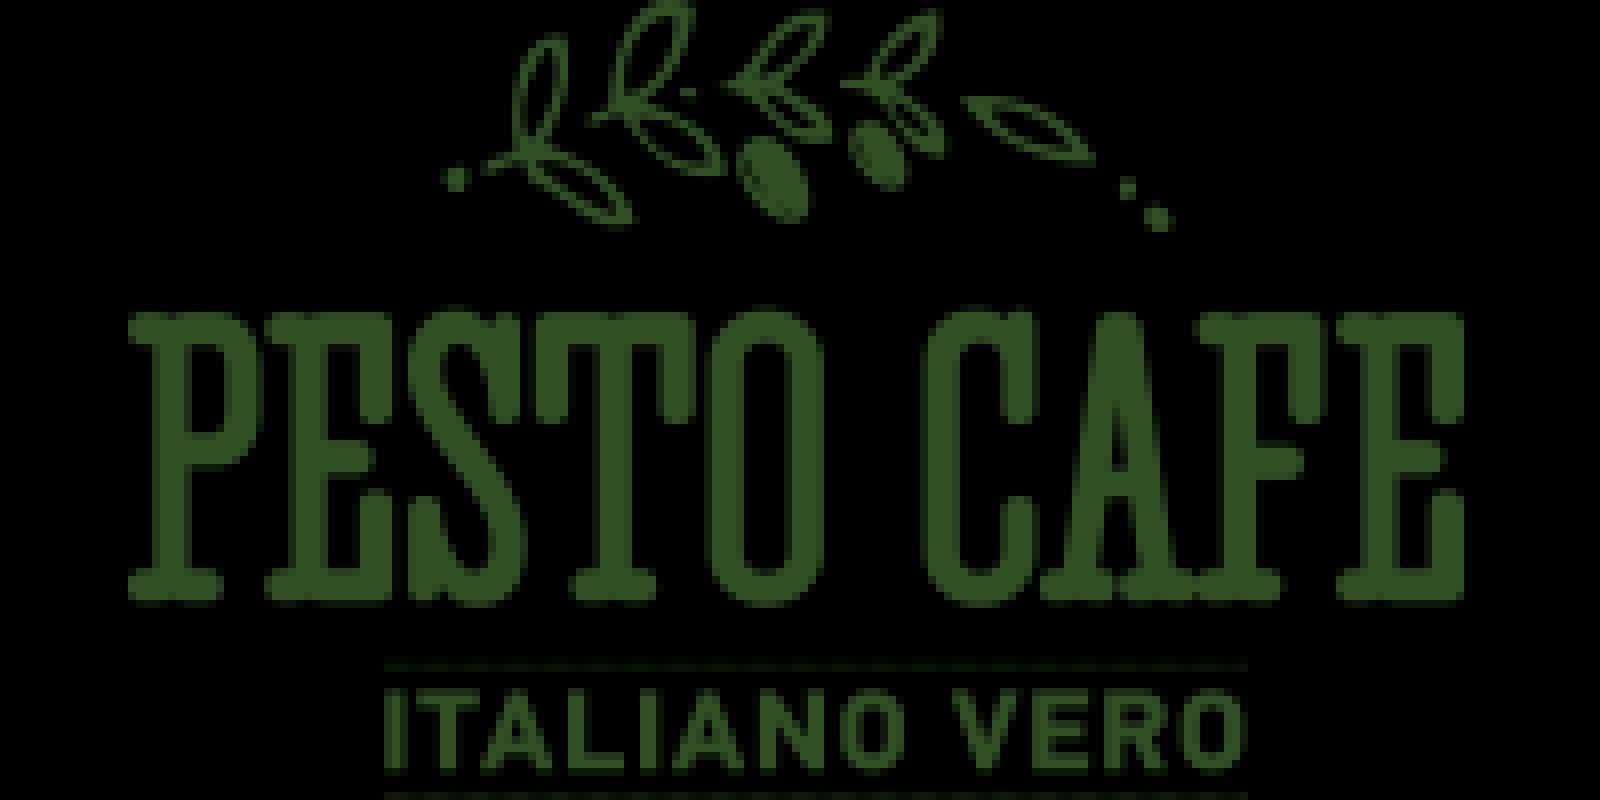 Сеть уютных банкетных ресторанов итальянской кухни Pesto Cafe приглашает в свою команду гостеприимную, энергичную и дружелюбную хостес